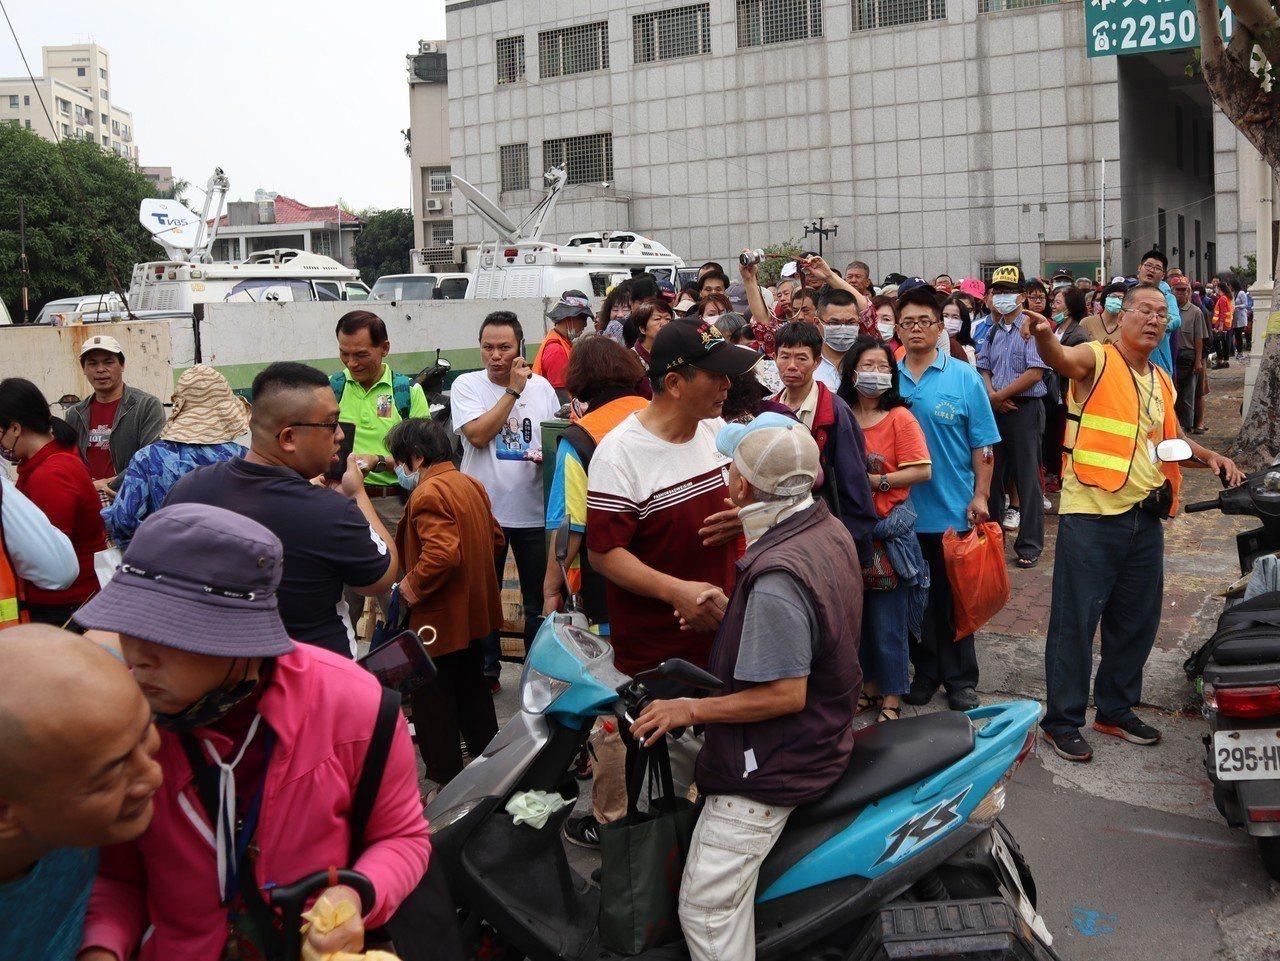 國民黨高雄市黨部前排隊隊伍目測超過300公尺,有上千人前來排隊。記者張媛榆/攝影